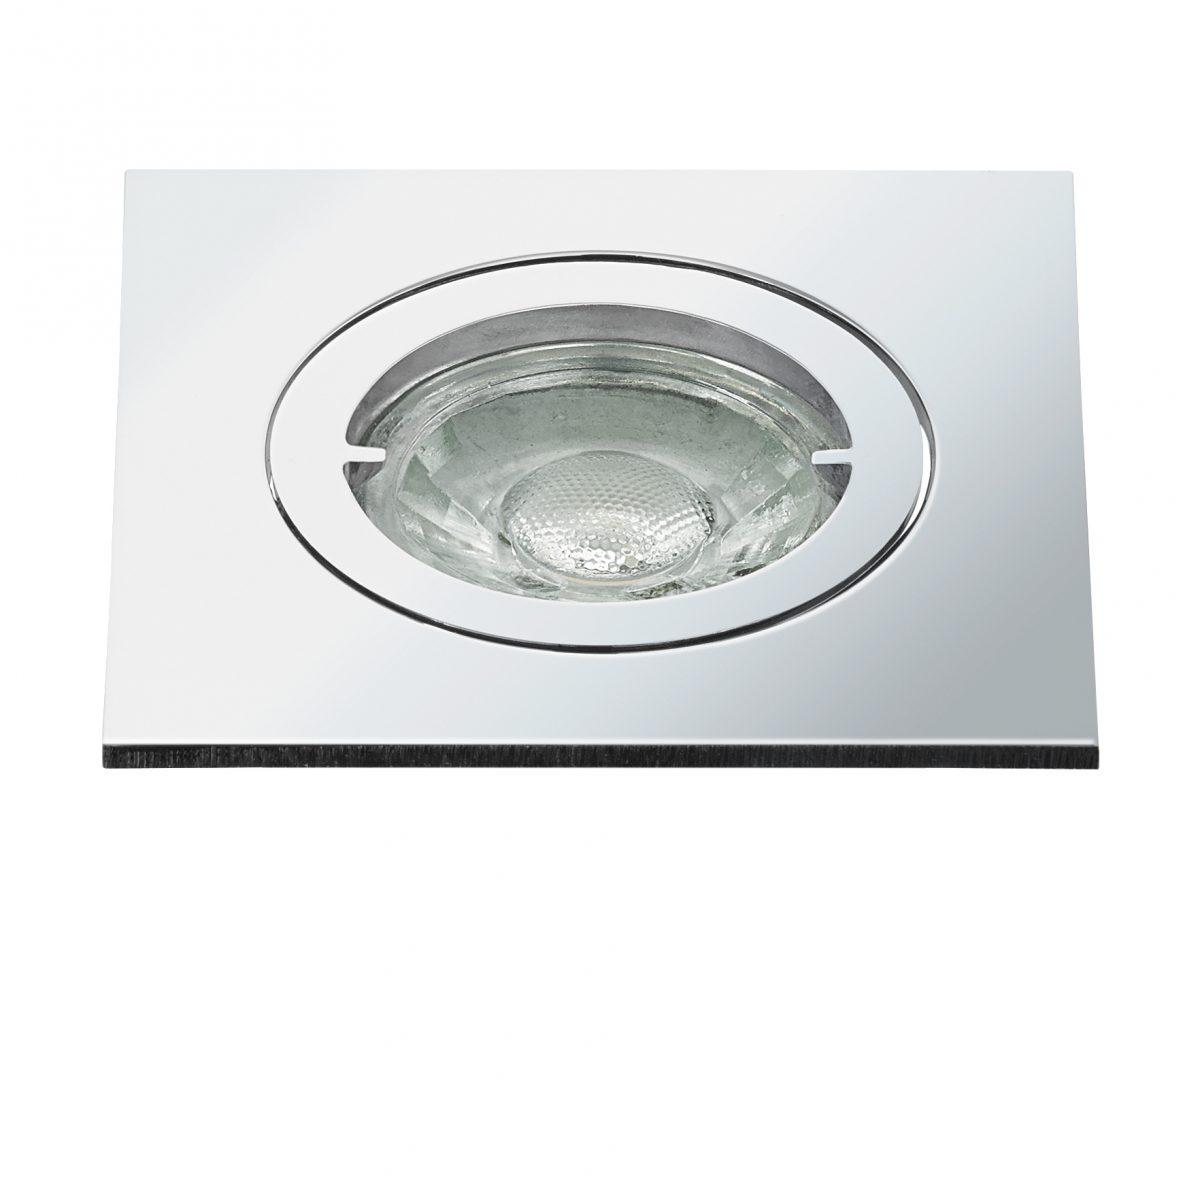 Светильник настенно-потолочный TEDO PRO/PROFESSION EGLO 61516 - Фото №28